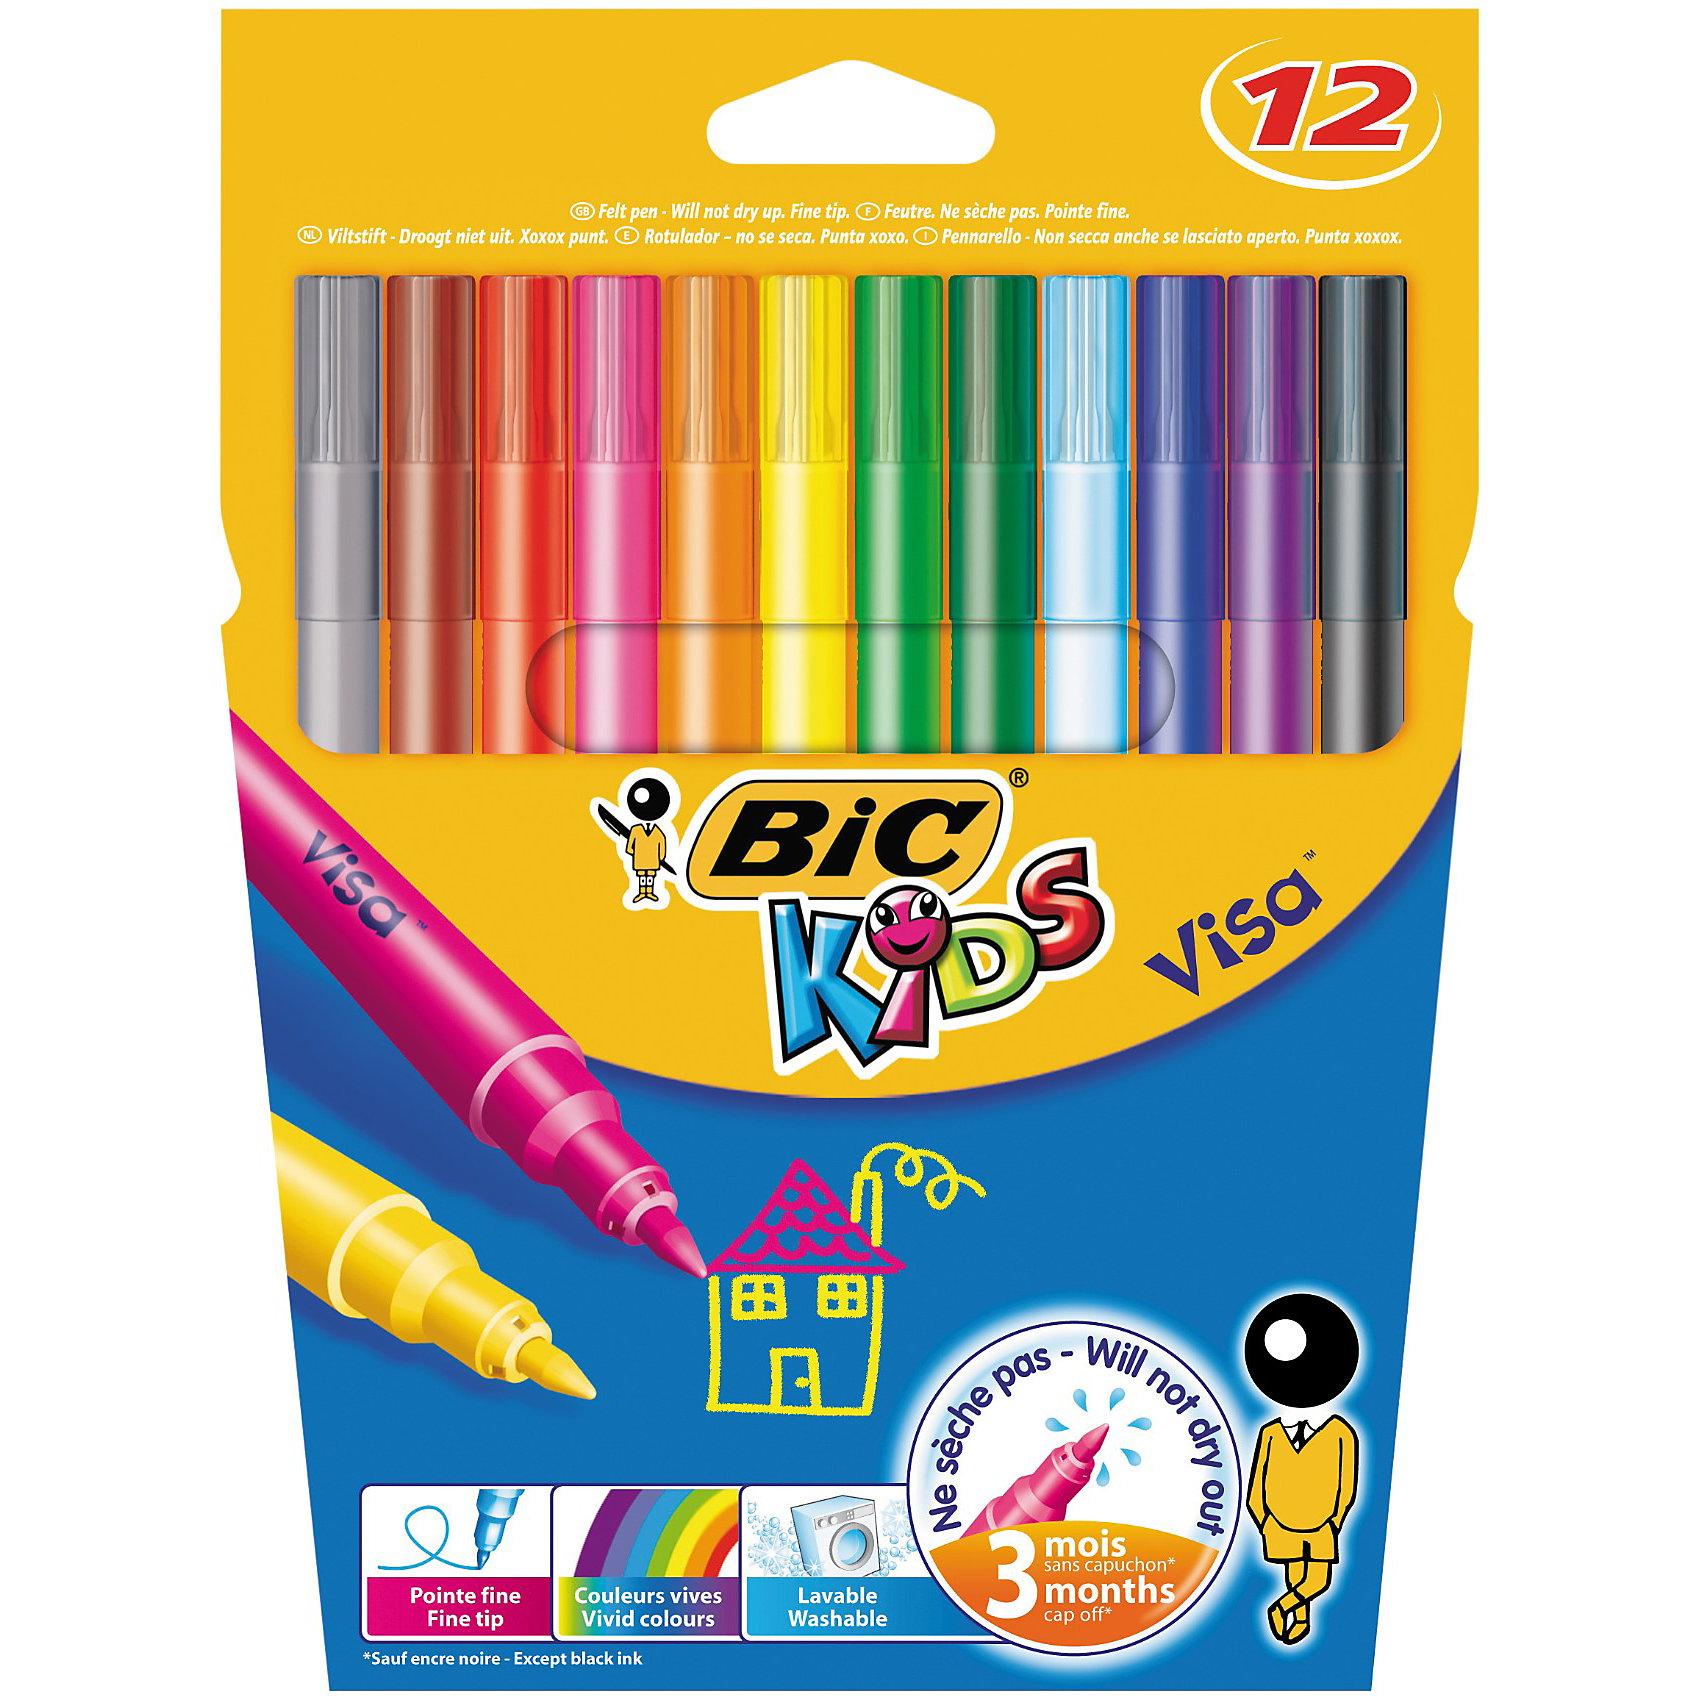 BIC Цветные фломастеры  Виза 880 12 цветовРисование<br>Цветные фломастеры. 12 ярких цветов в наборе. Чернила легко смываются с одежды. Прочный пишущий узел. Тонкая линия письма. Не высыхает. Вентилируемый колпачок.<br><br>Ширина мм: 10<br>Глубина мм: 145<br>Высота мм: 192<br>Вес г: 84<br>Возраст от месяцев: 36<br>Возраст до месяцев: 1188<br>Пол: Унисекс<br>Возраст: Детский<br>SKU: 2493064